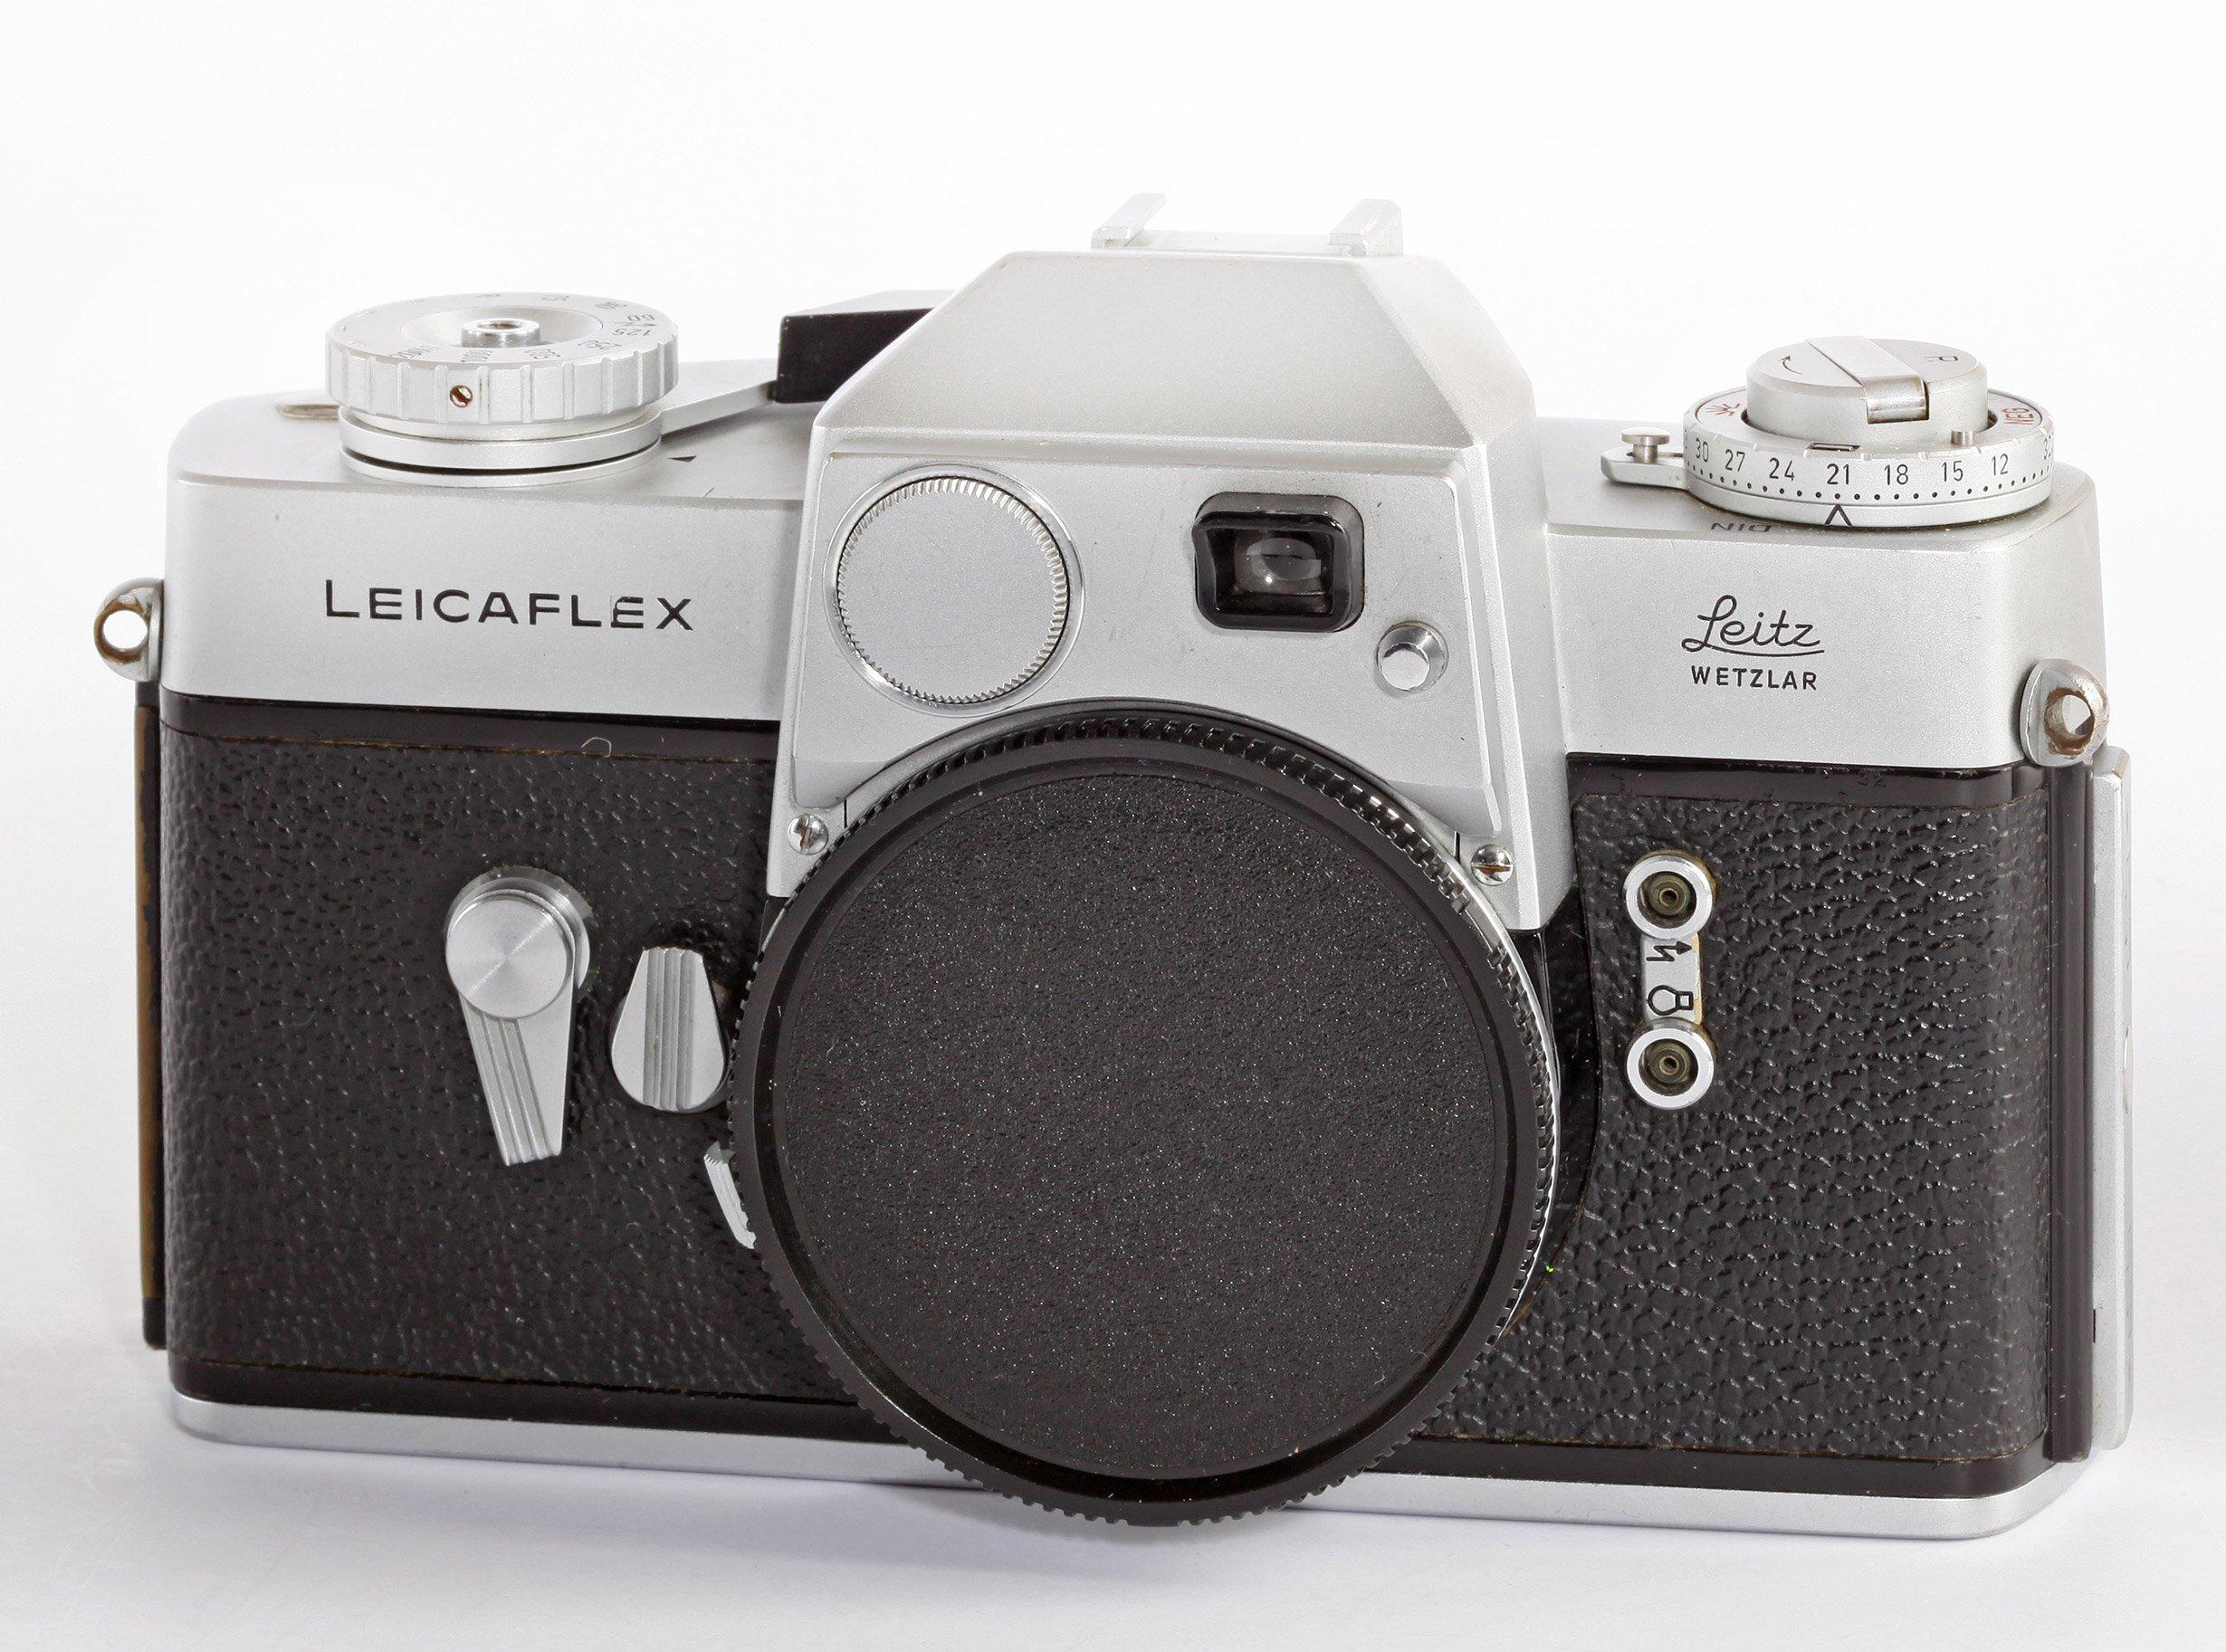 Leicaflex chrom Gehäuse